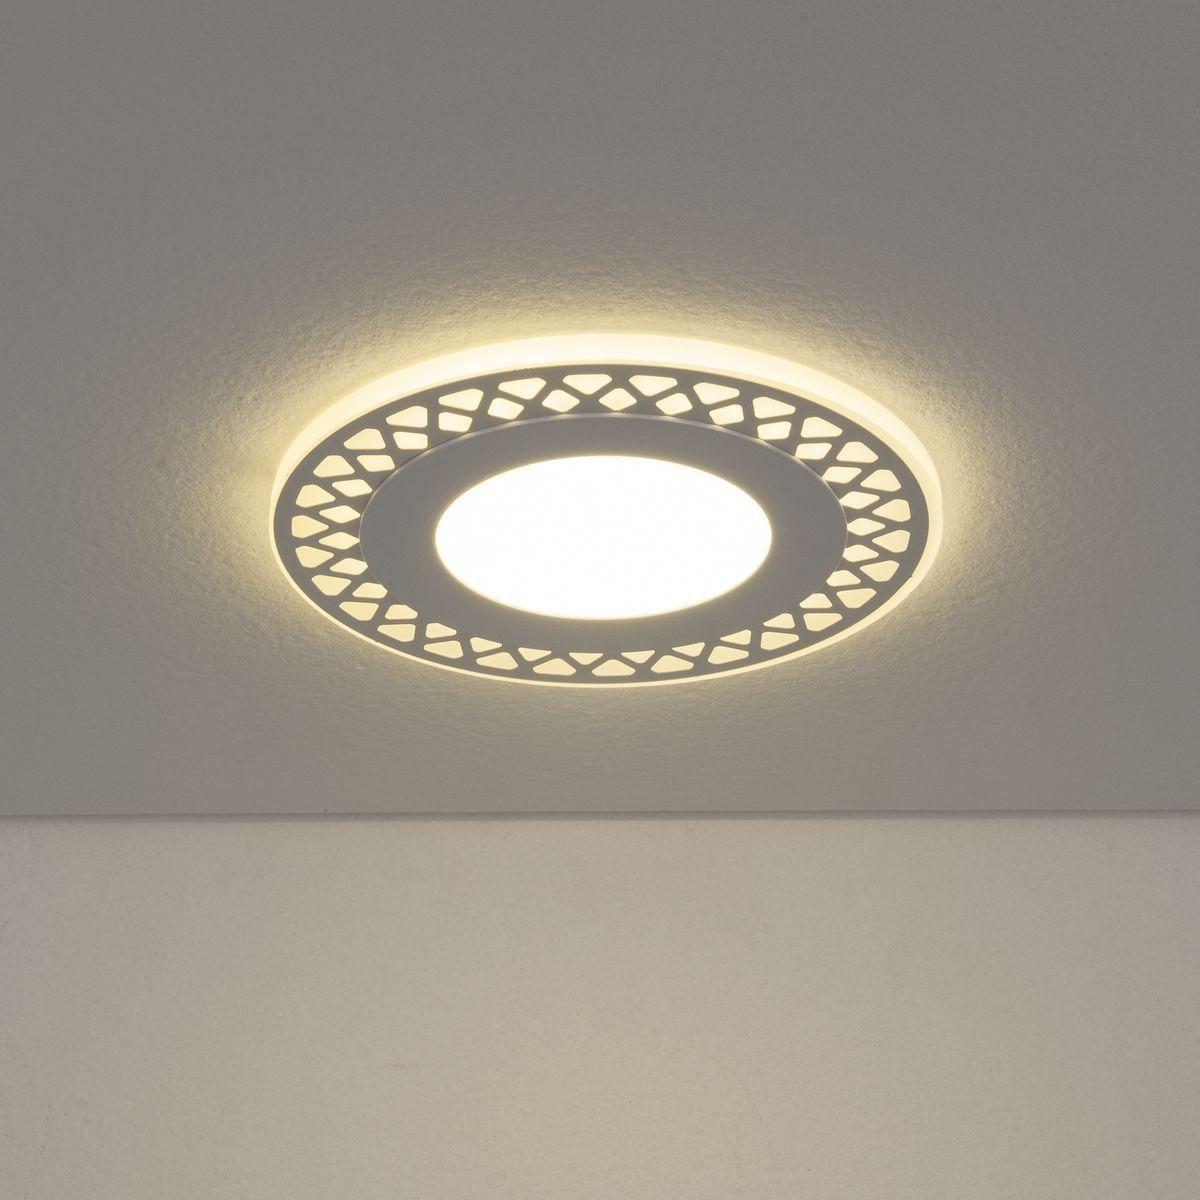 Встраиваемый потолочный светодиодный светильник DSS003 7+3W 4200K